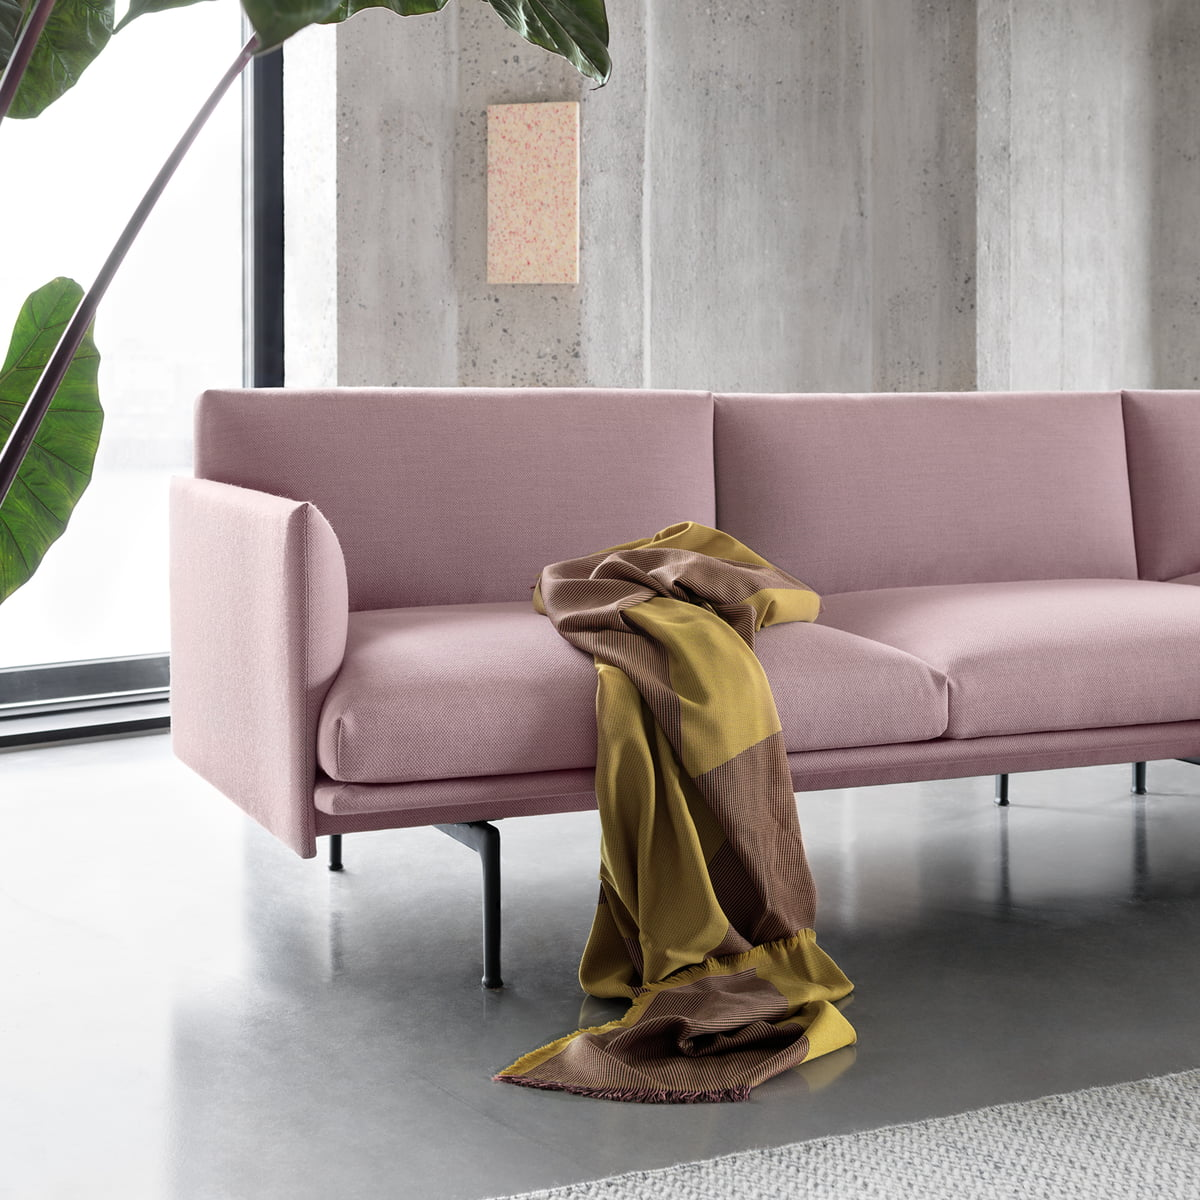 couverture sway en laine m rinos de muuto connox. Black Bedroom Furniture Sets. Home Design Ideas